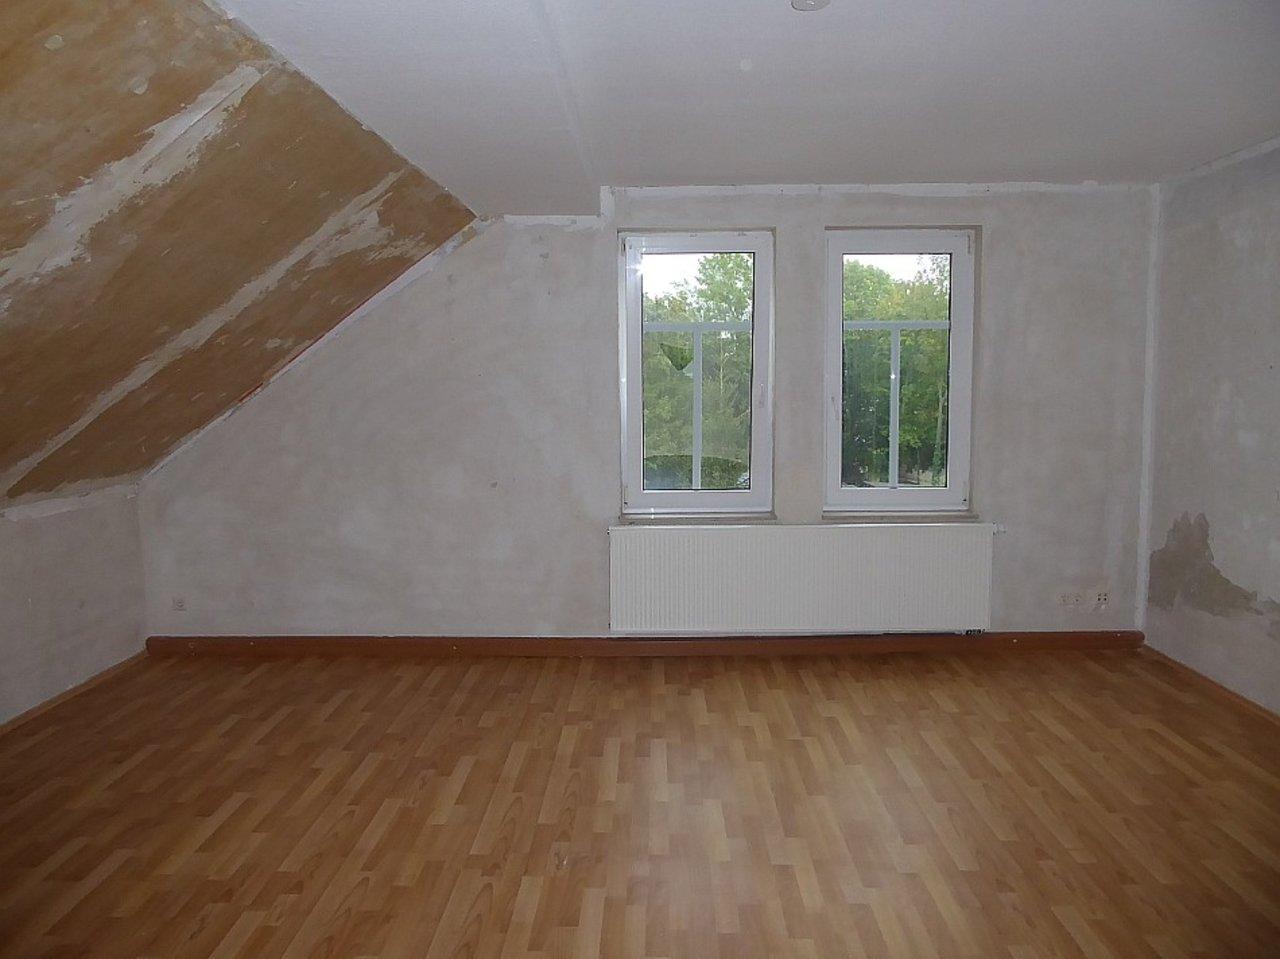 Individuelle 3-Zimmer-DG-Wohnung mit ausgebautem Dachspitz in Arnstadt-Wohnen